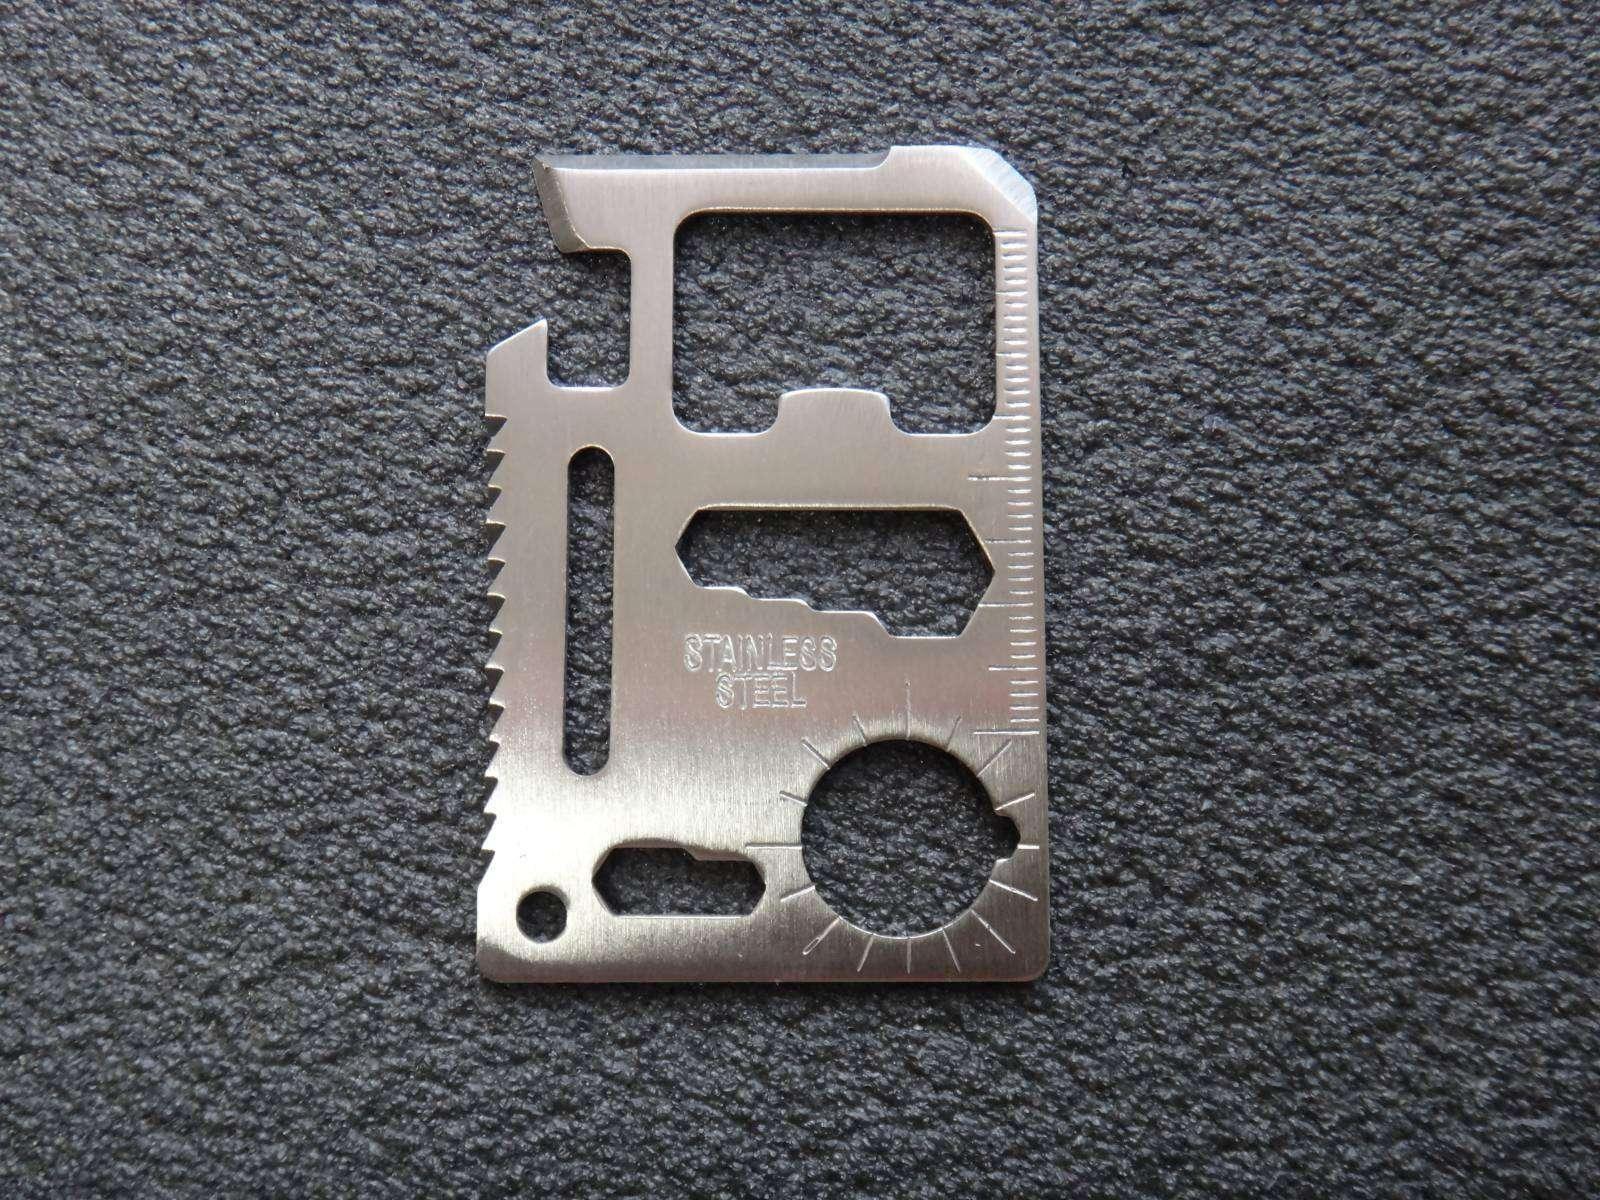 GearBest: Покупки с распродажи по 0.10$ с Gearbest или как доходят безтрековые посылки